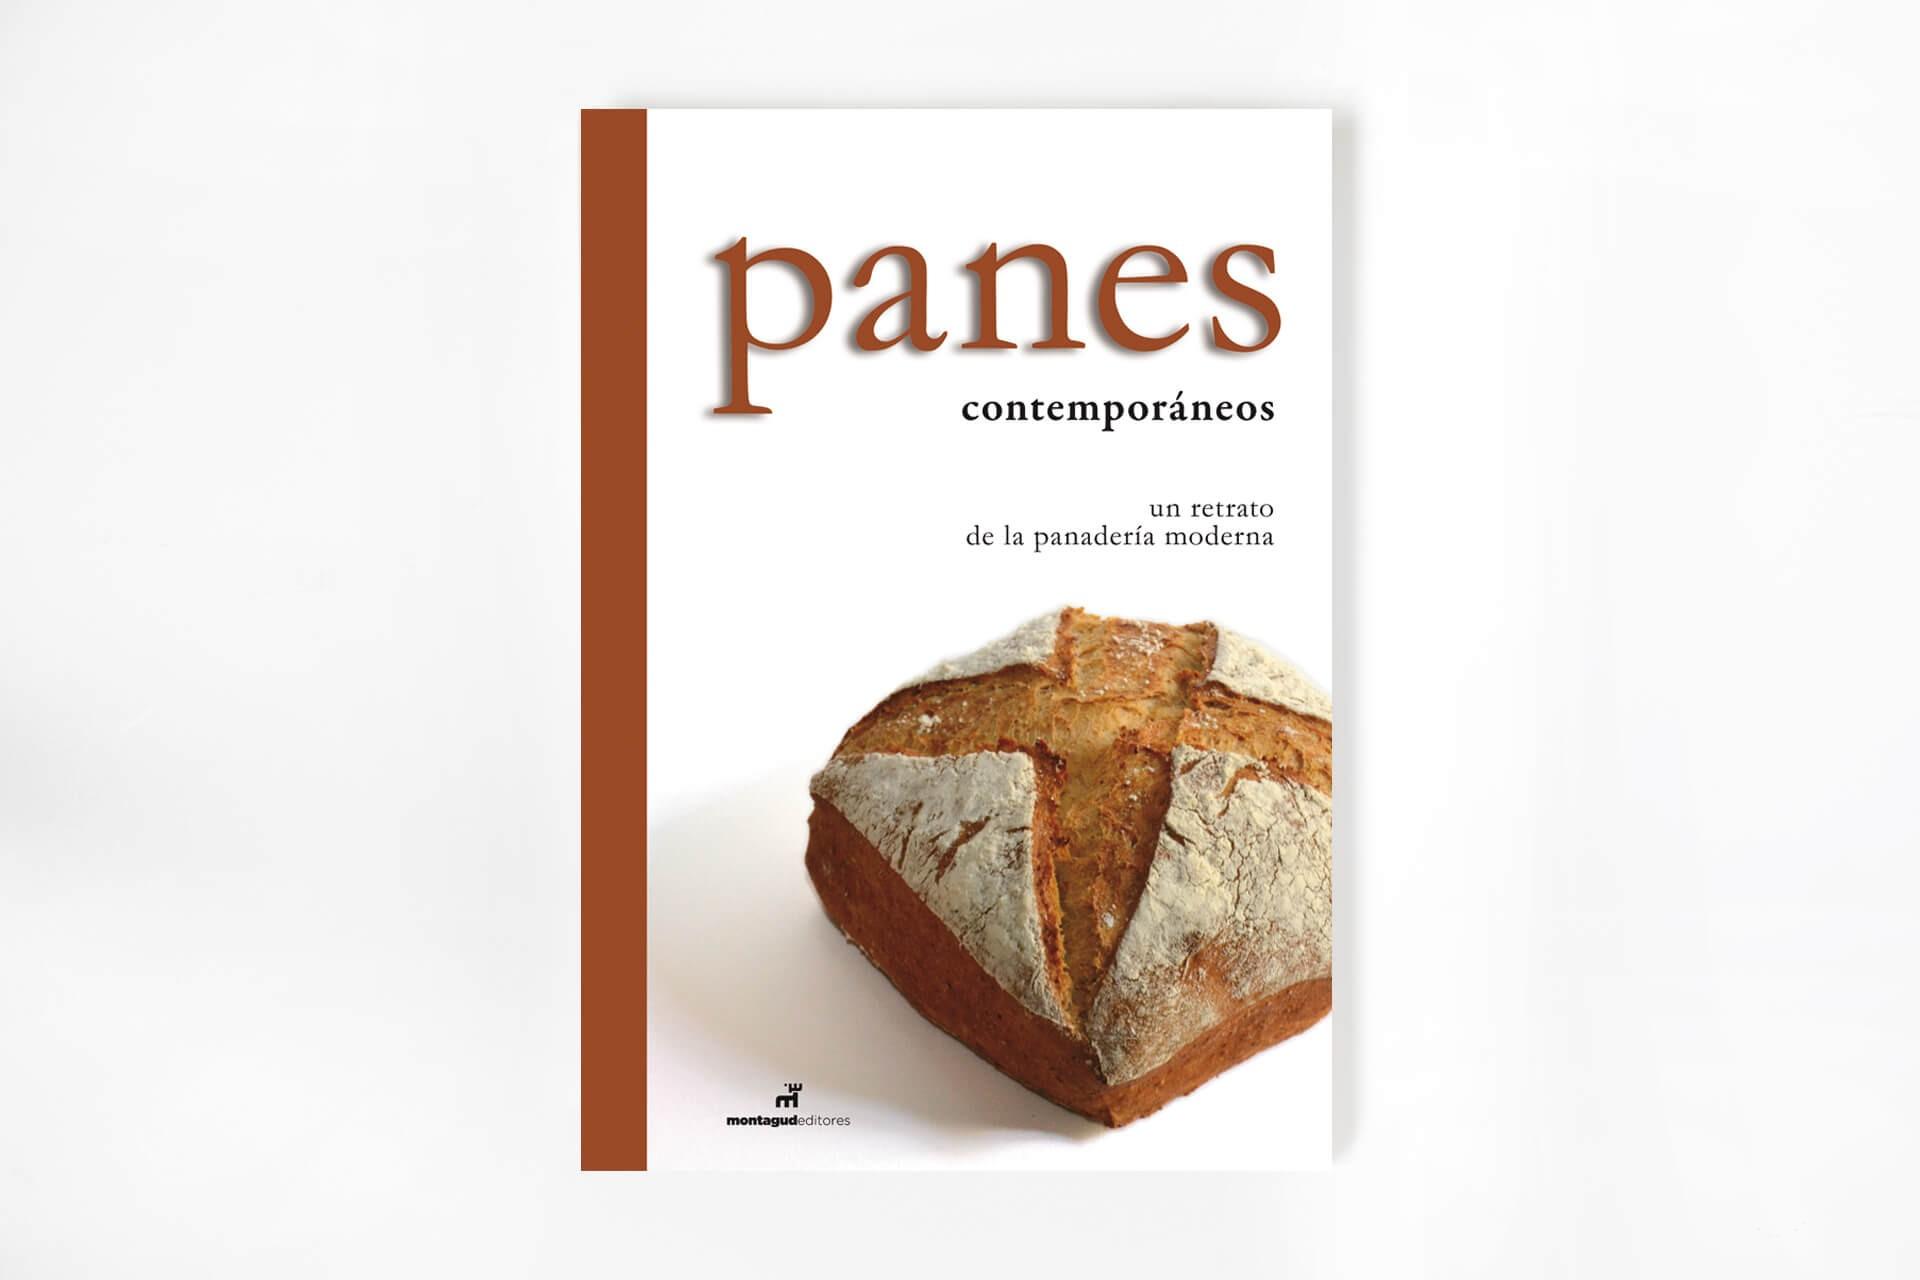 PANES_CONTEMPORANEOS_l_1